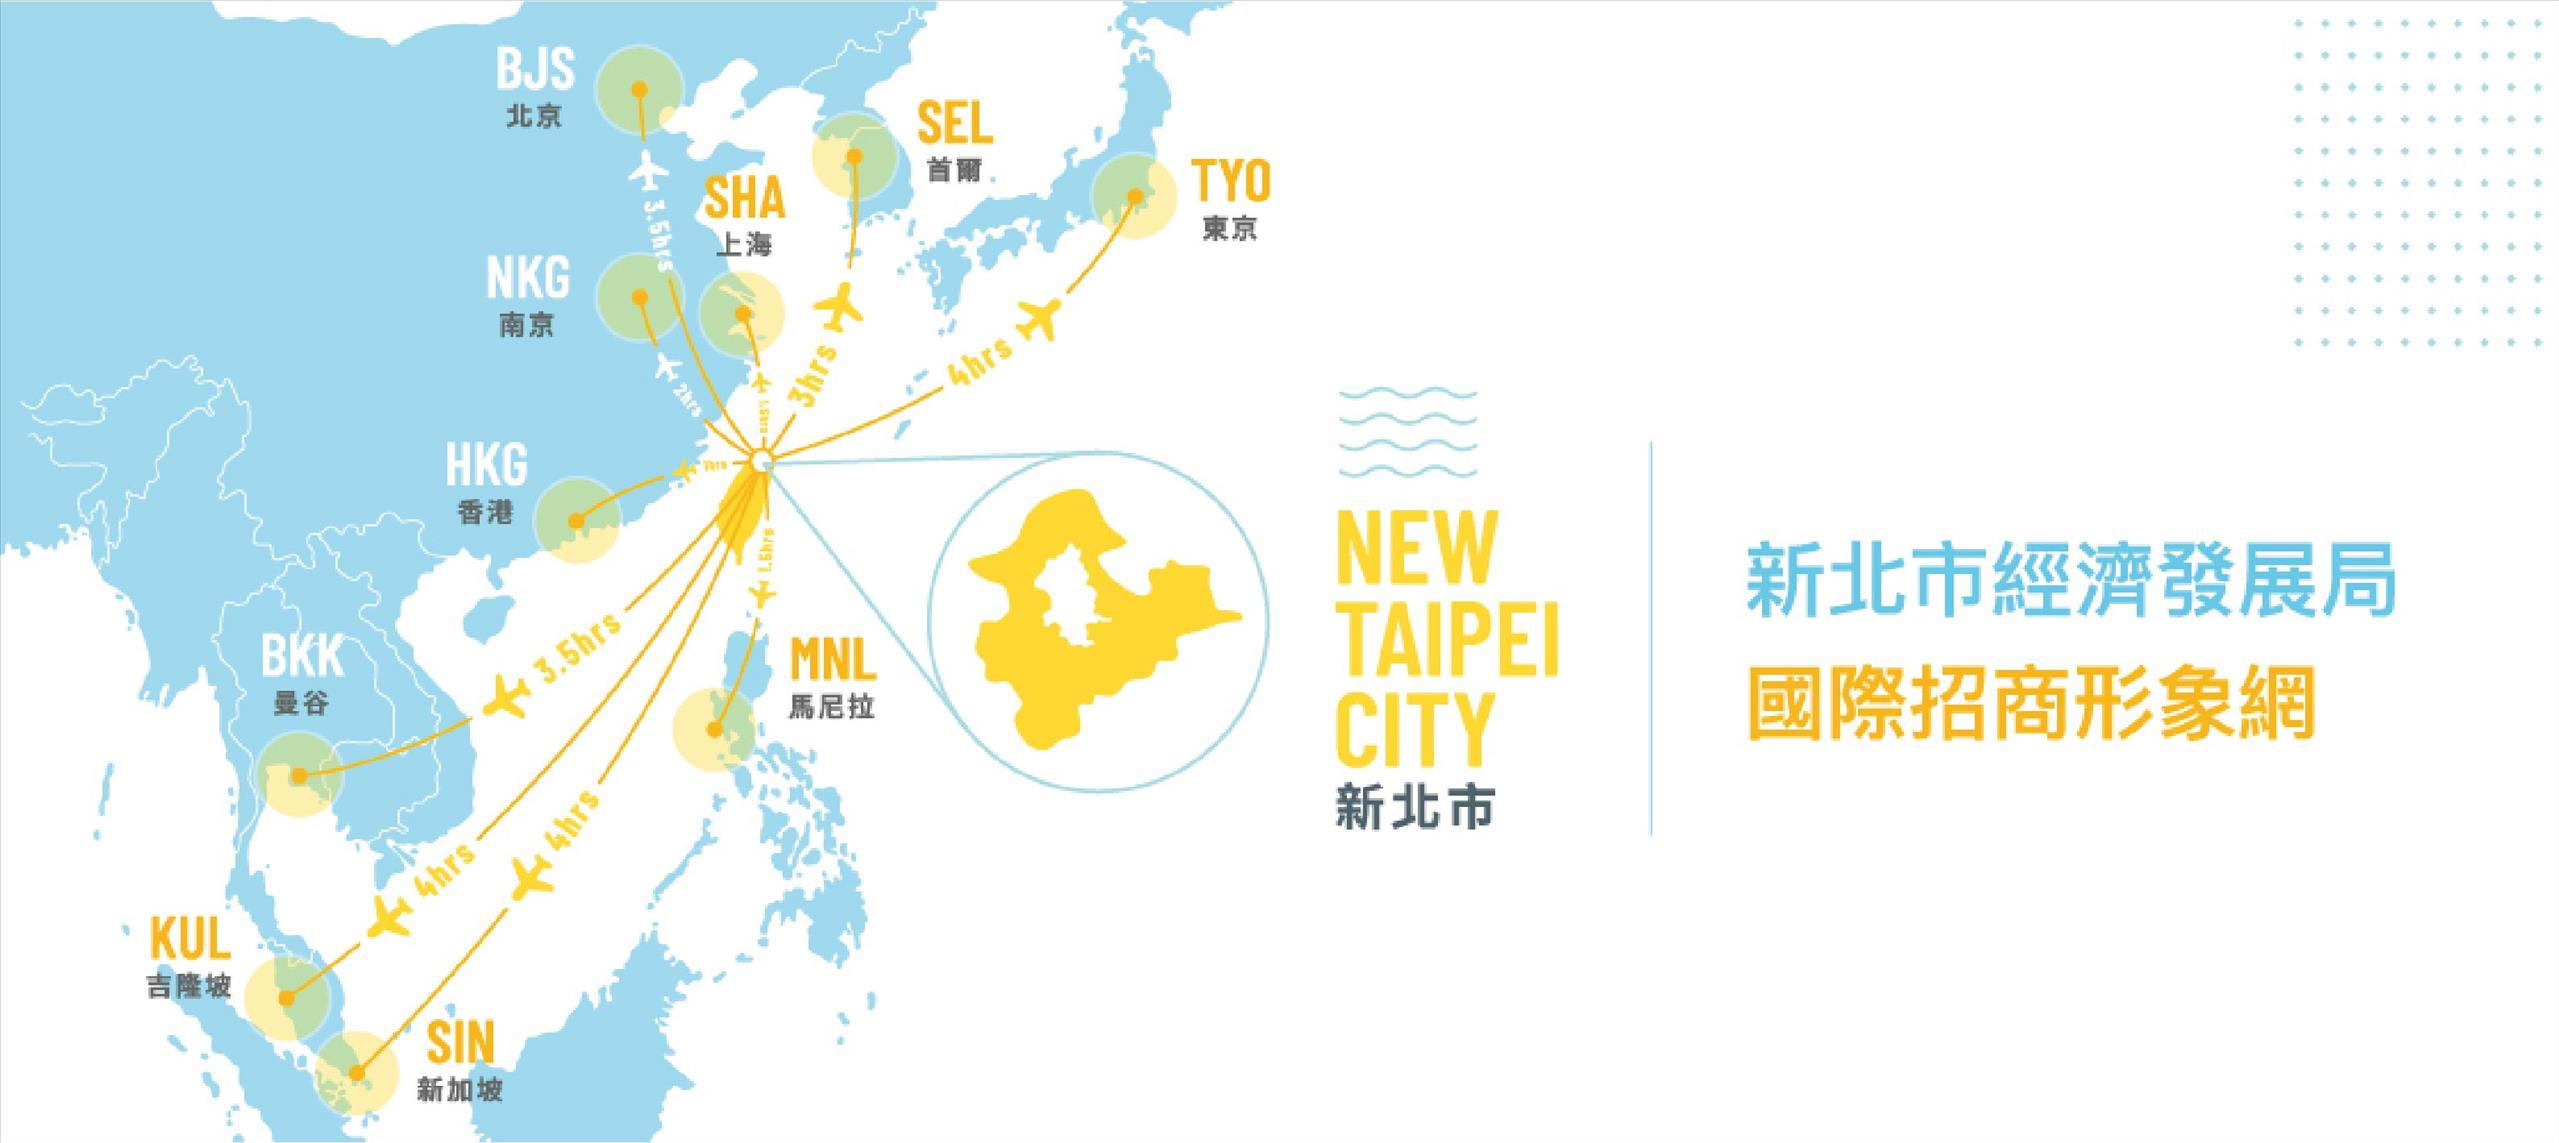 投資新北航線圖